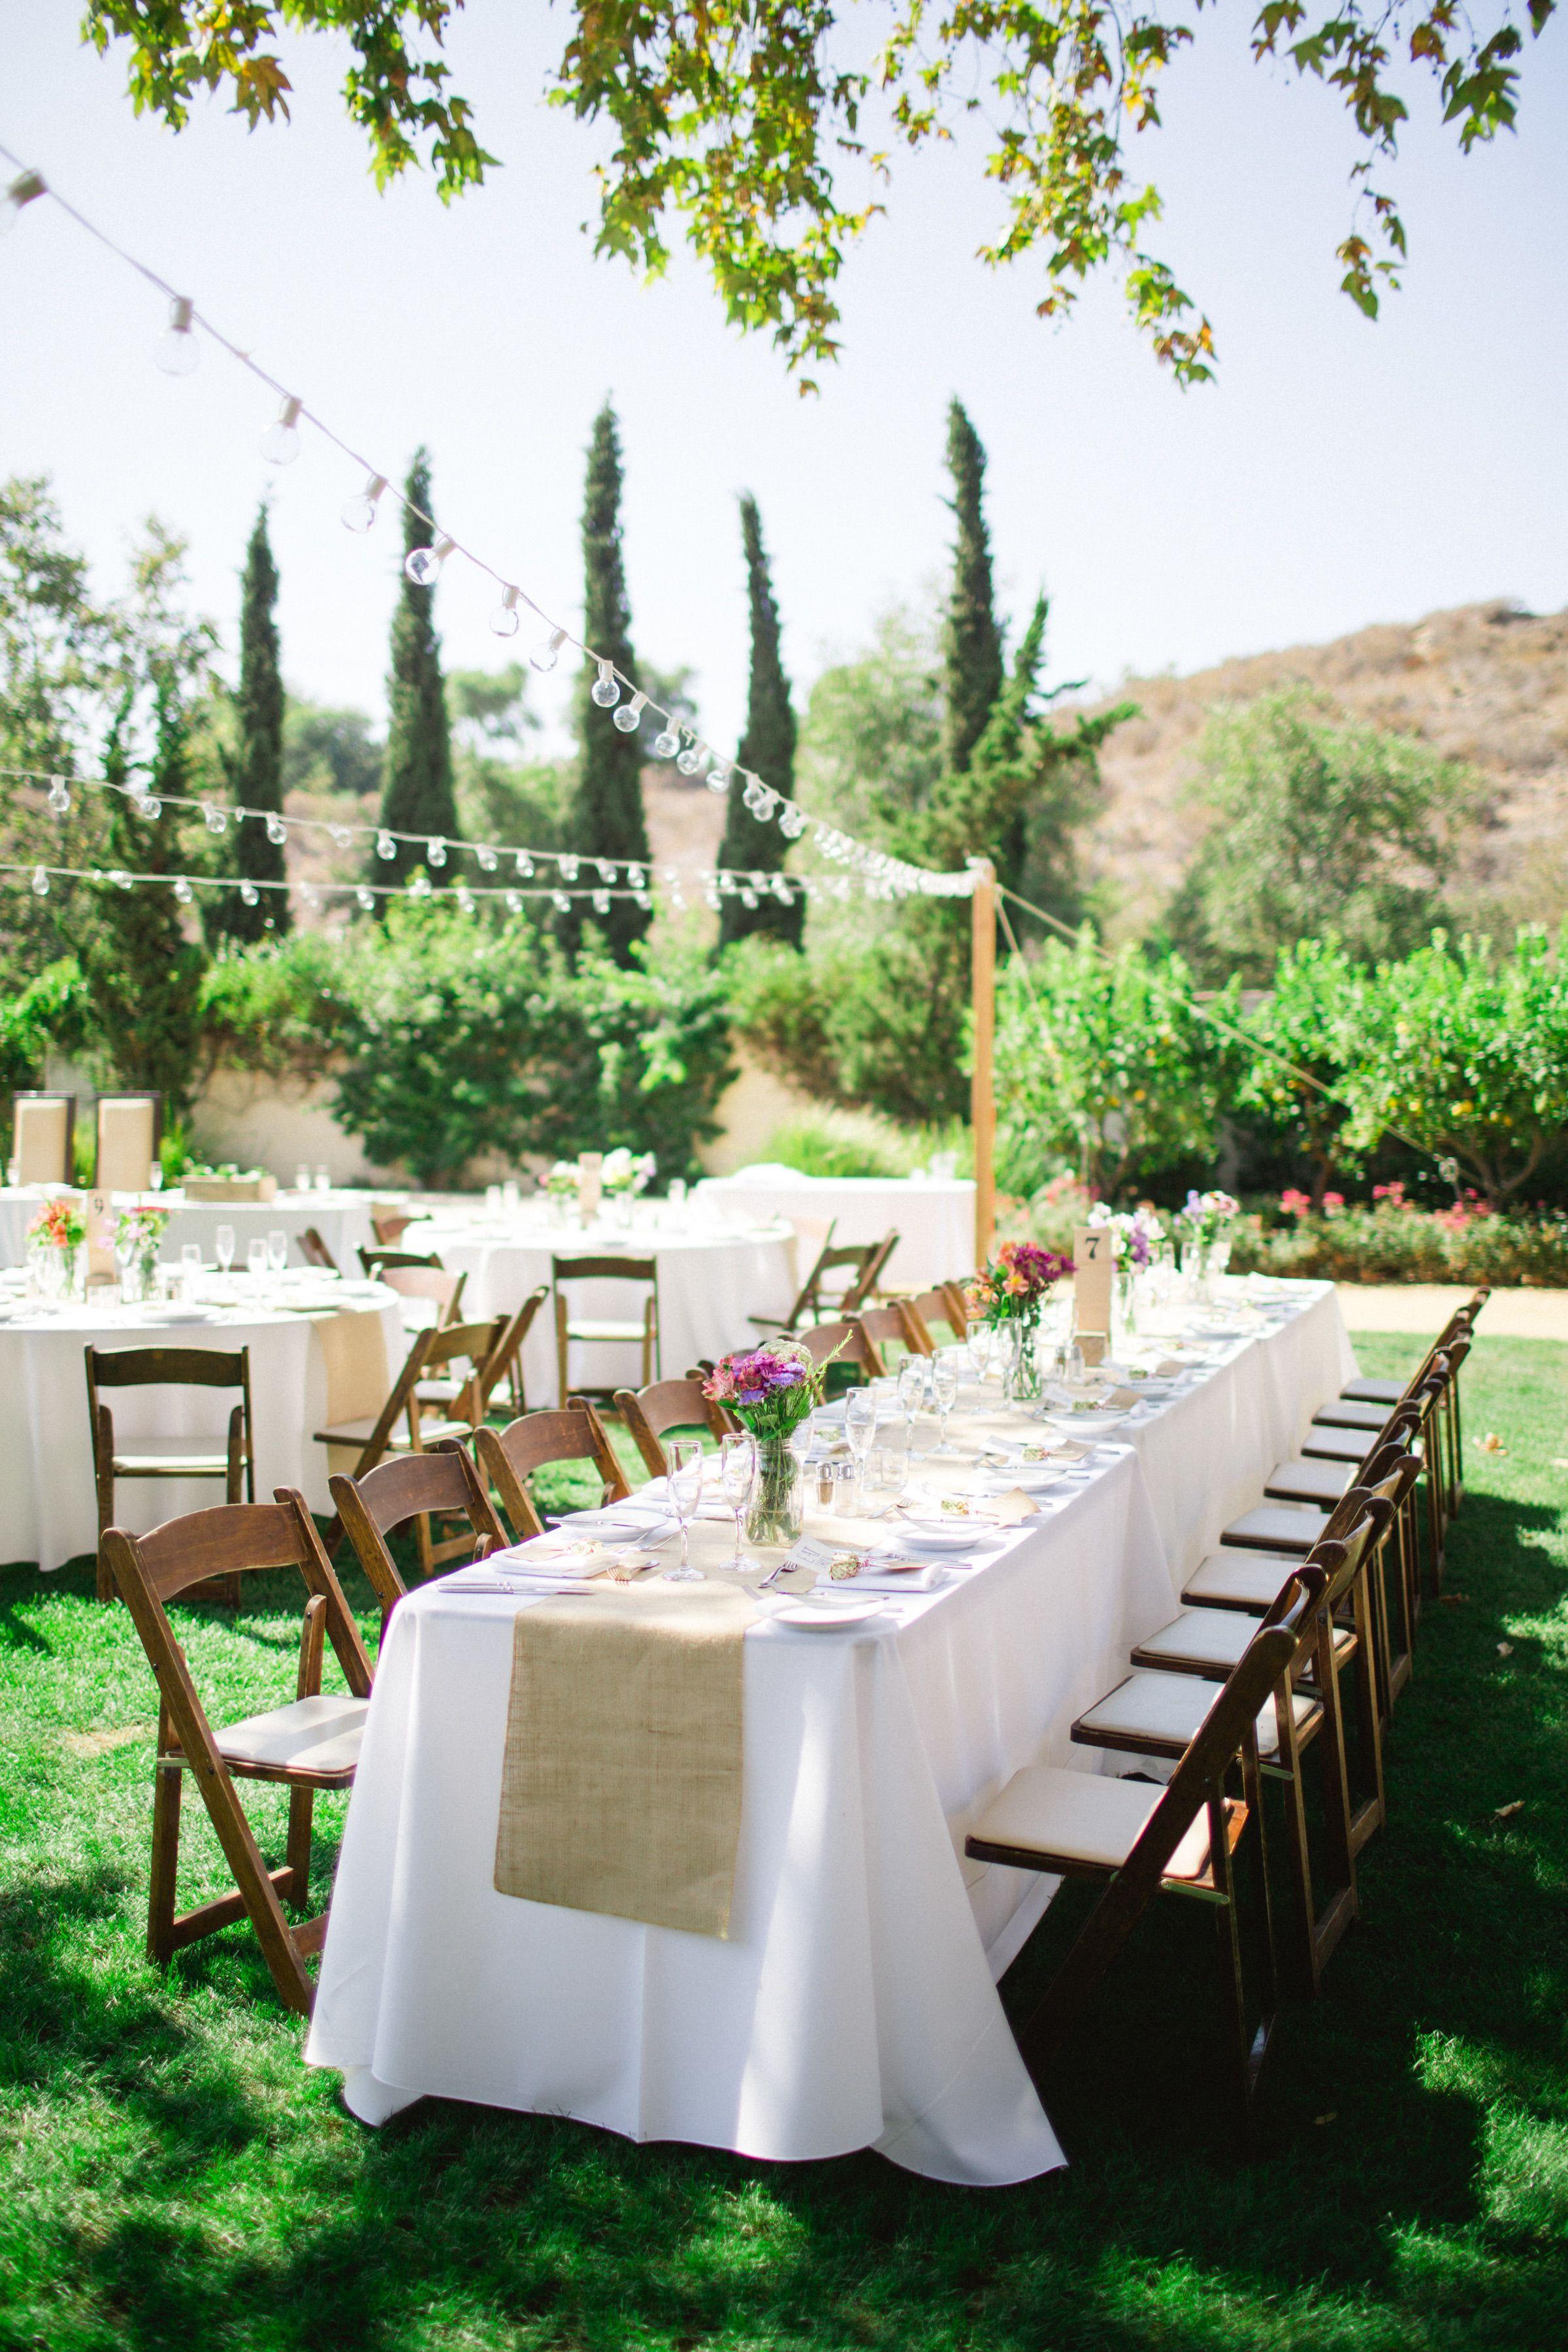 Summer Outdoor DIY Wedding in Mission Viejo | Diy outdoor ...